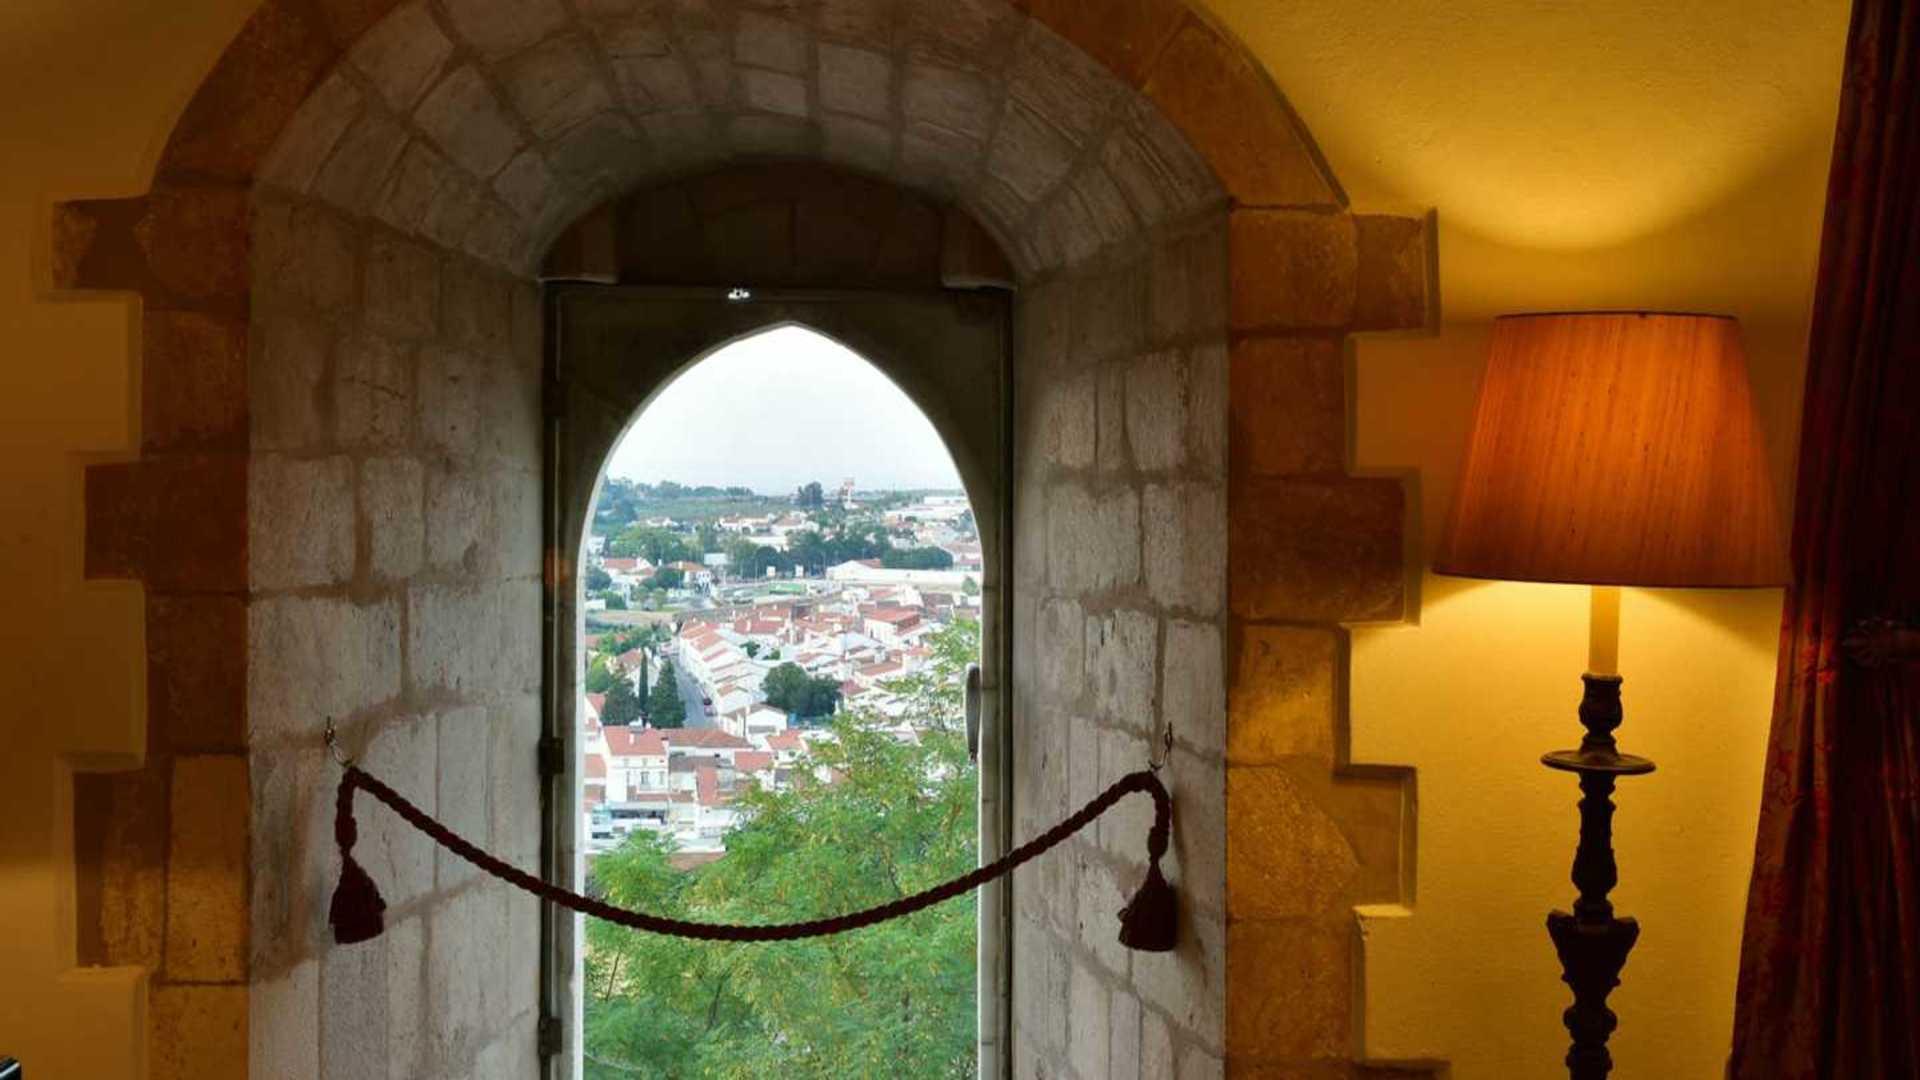 Doorkijkje Pousada Estremoz, Estremoz, Alentejo, Portugal